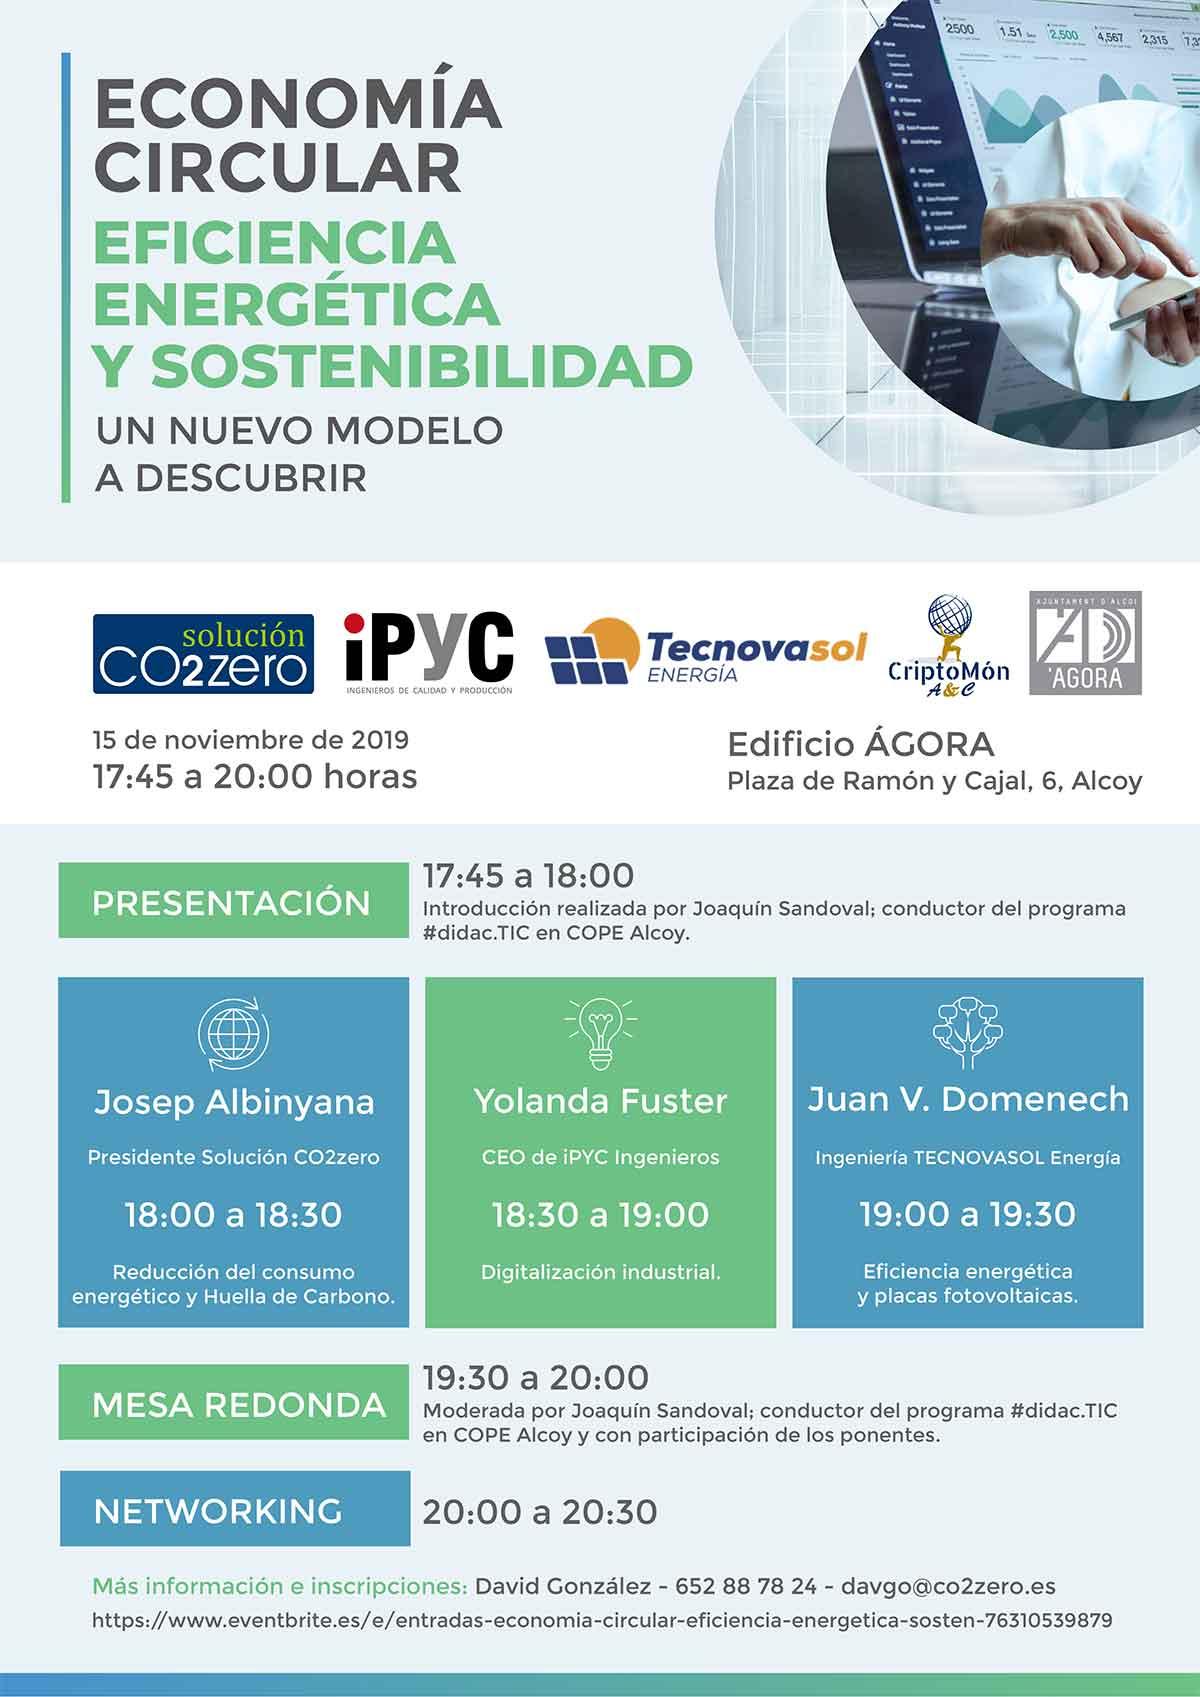 Economía Circular, Eficiencia Energética y Sostenibilidad